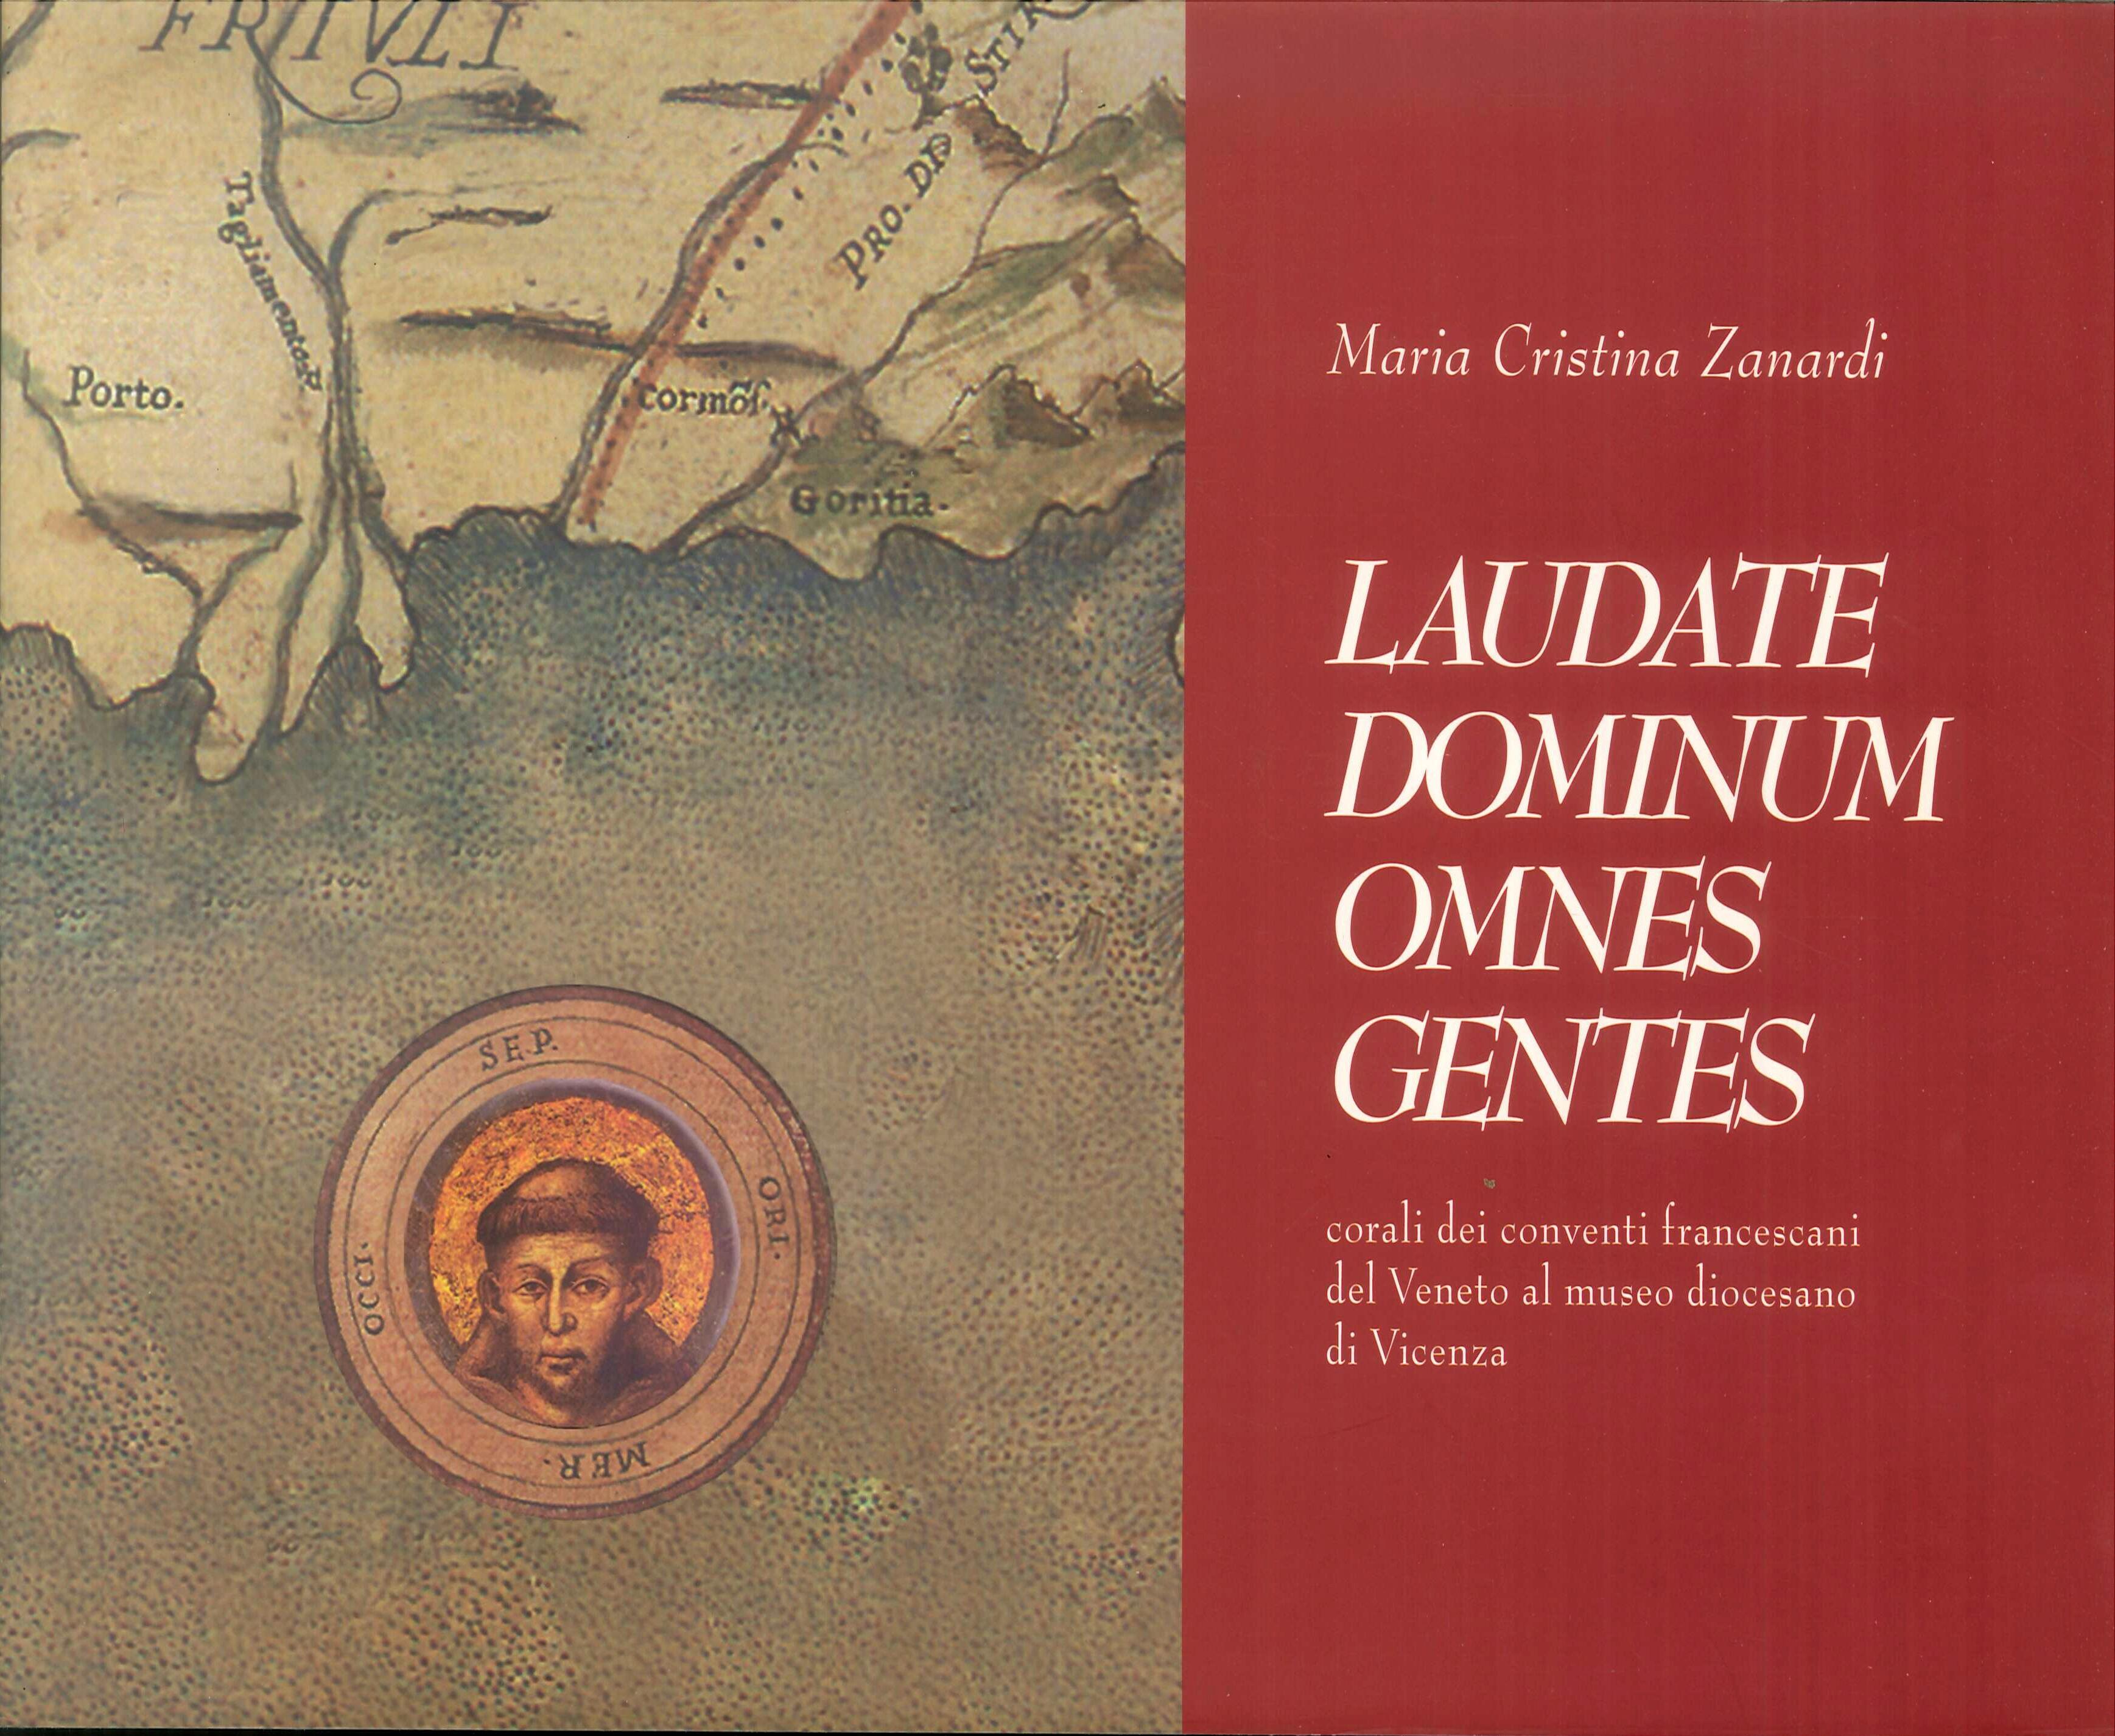 Laudate Dominum omnes gentes. Corali dei conventi francescani del Veneto al Museo diocesano di Vicenza